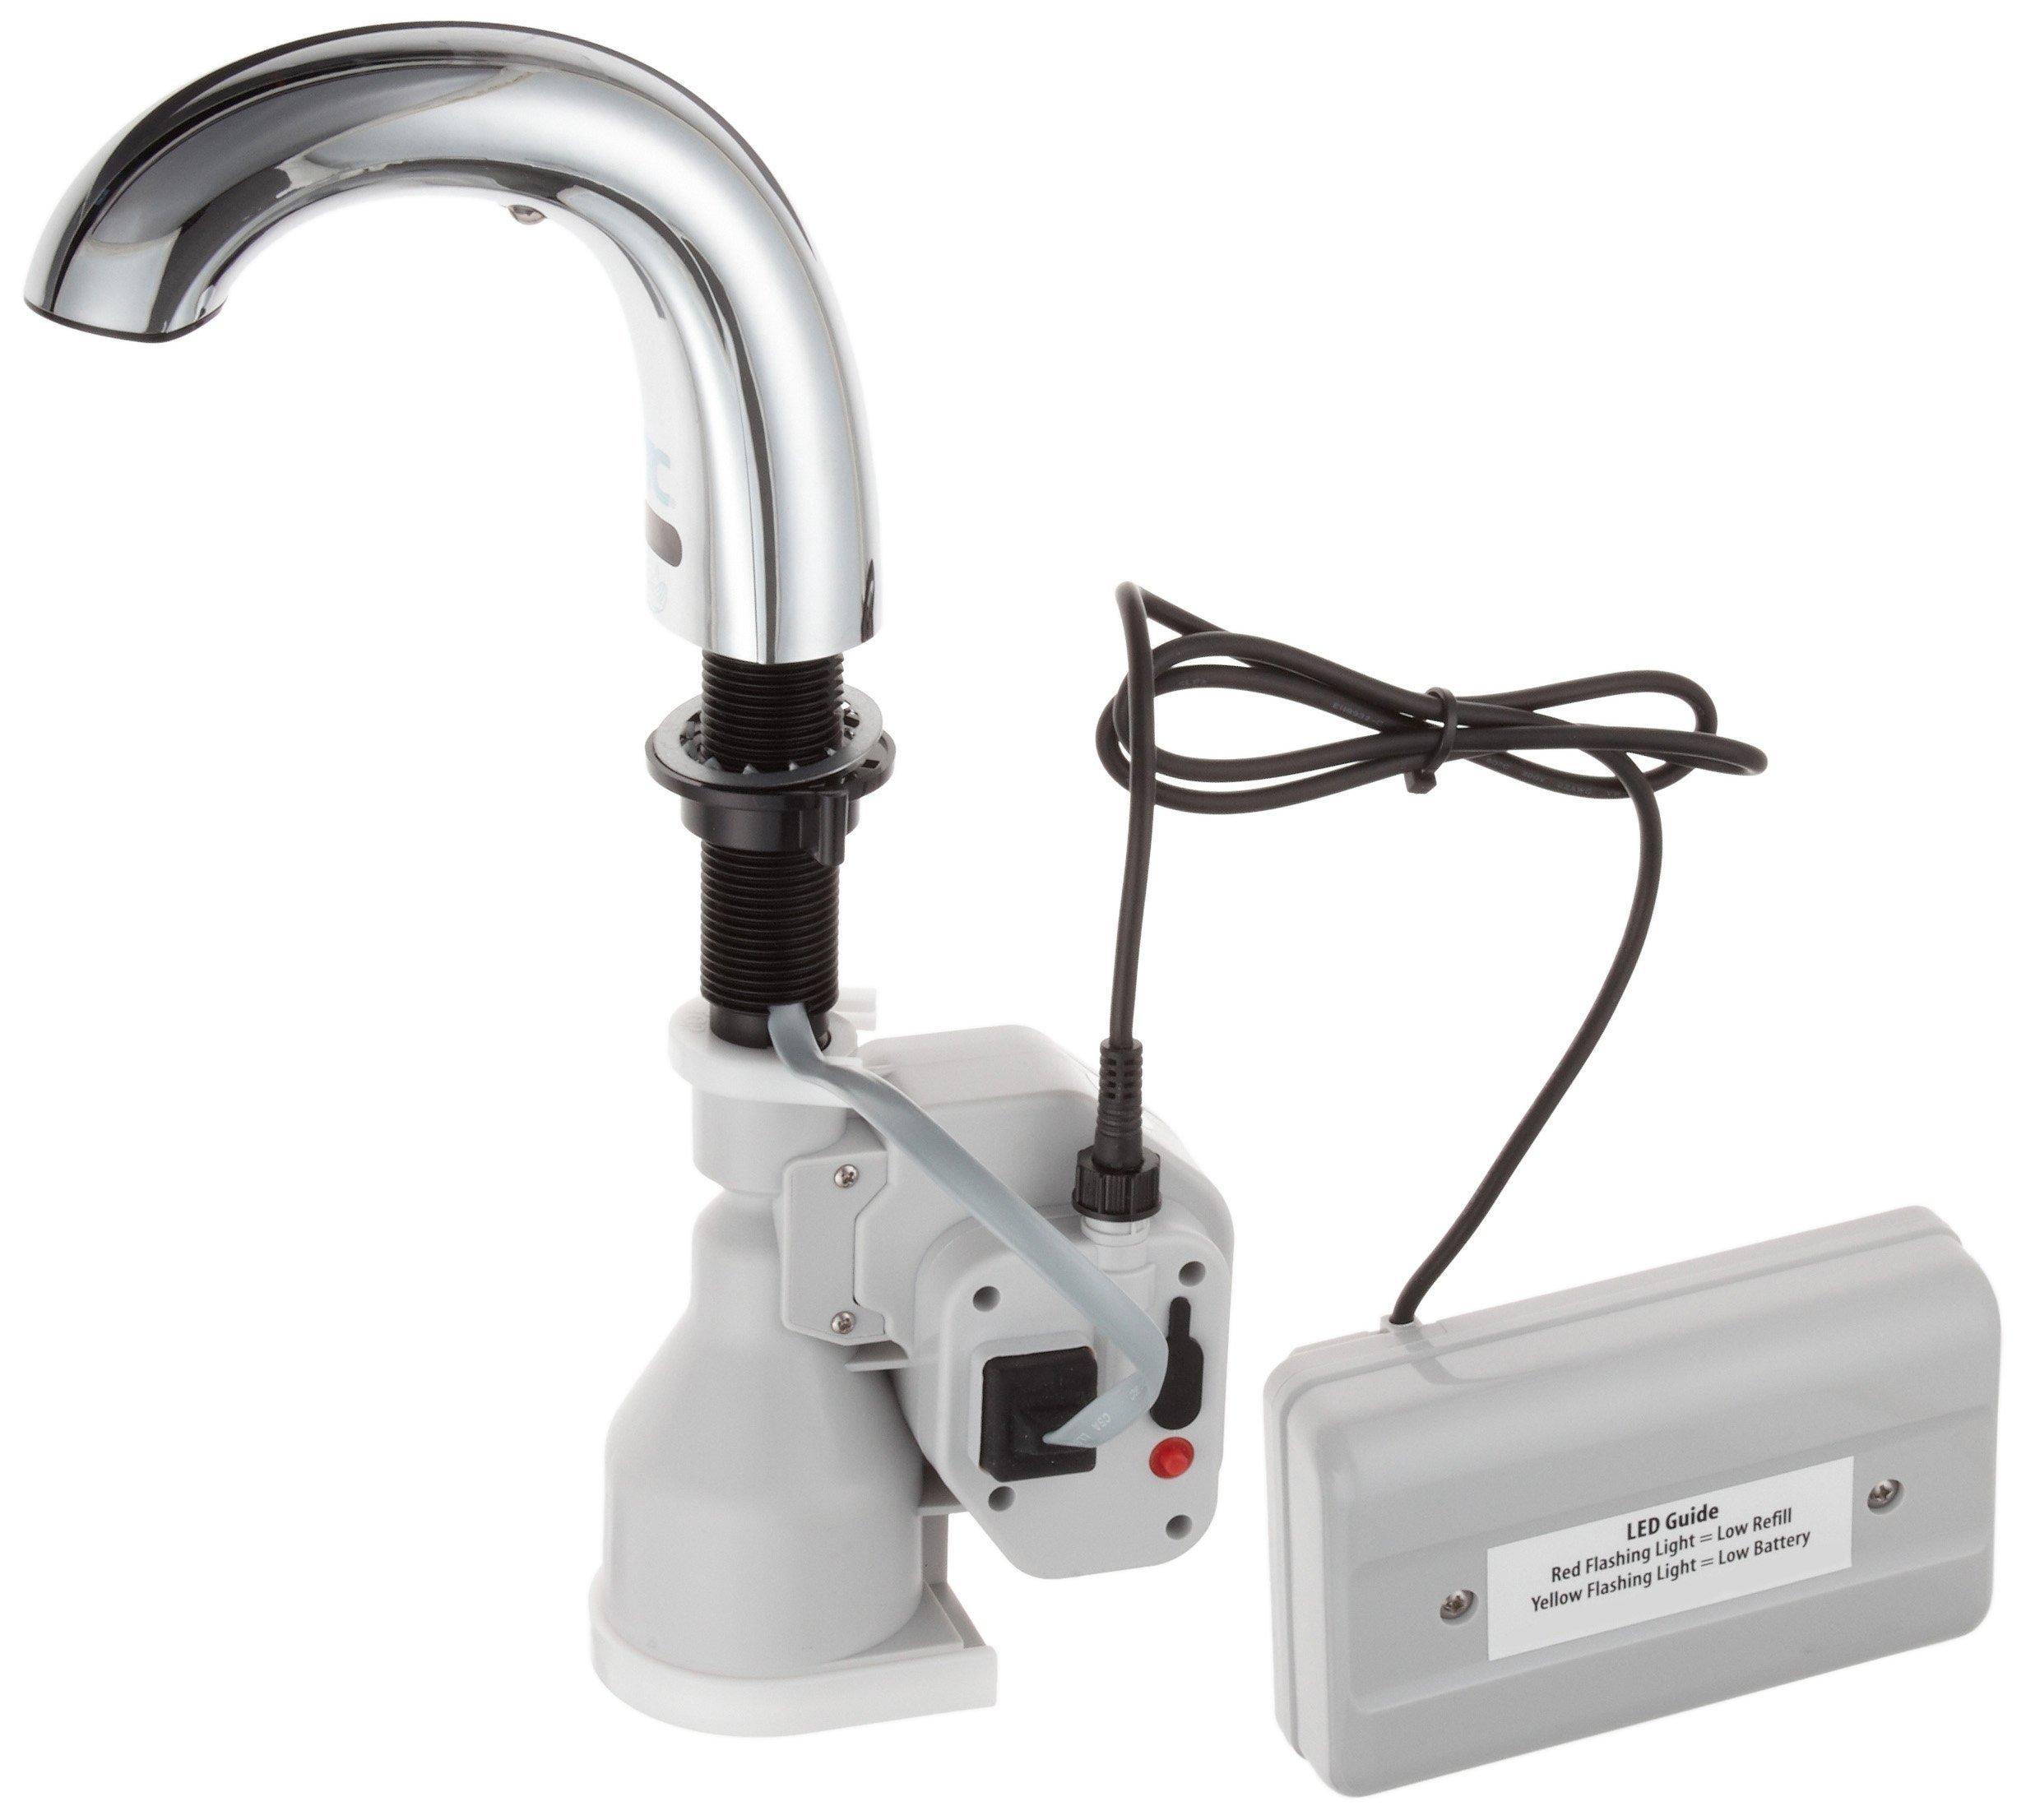 Rubbermaid Commercial One-Shot Foam Soap Dispenser, Chrome, FG4870465